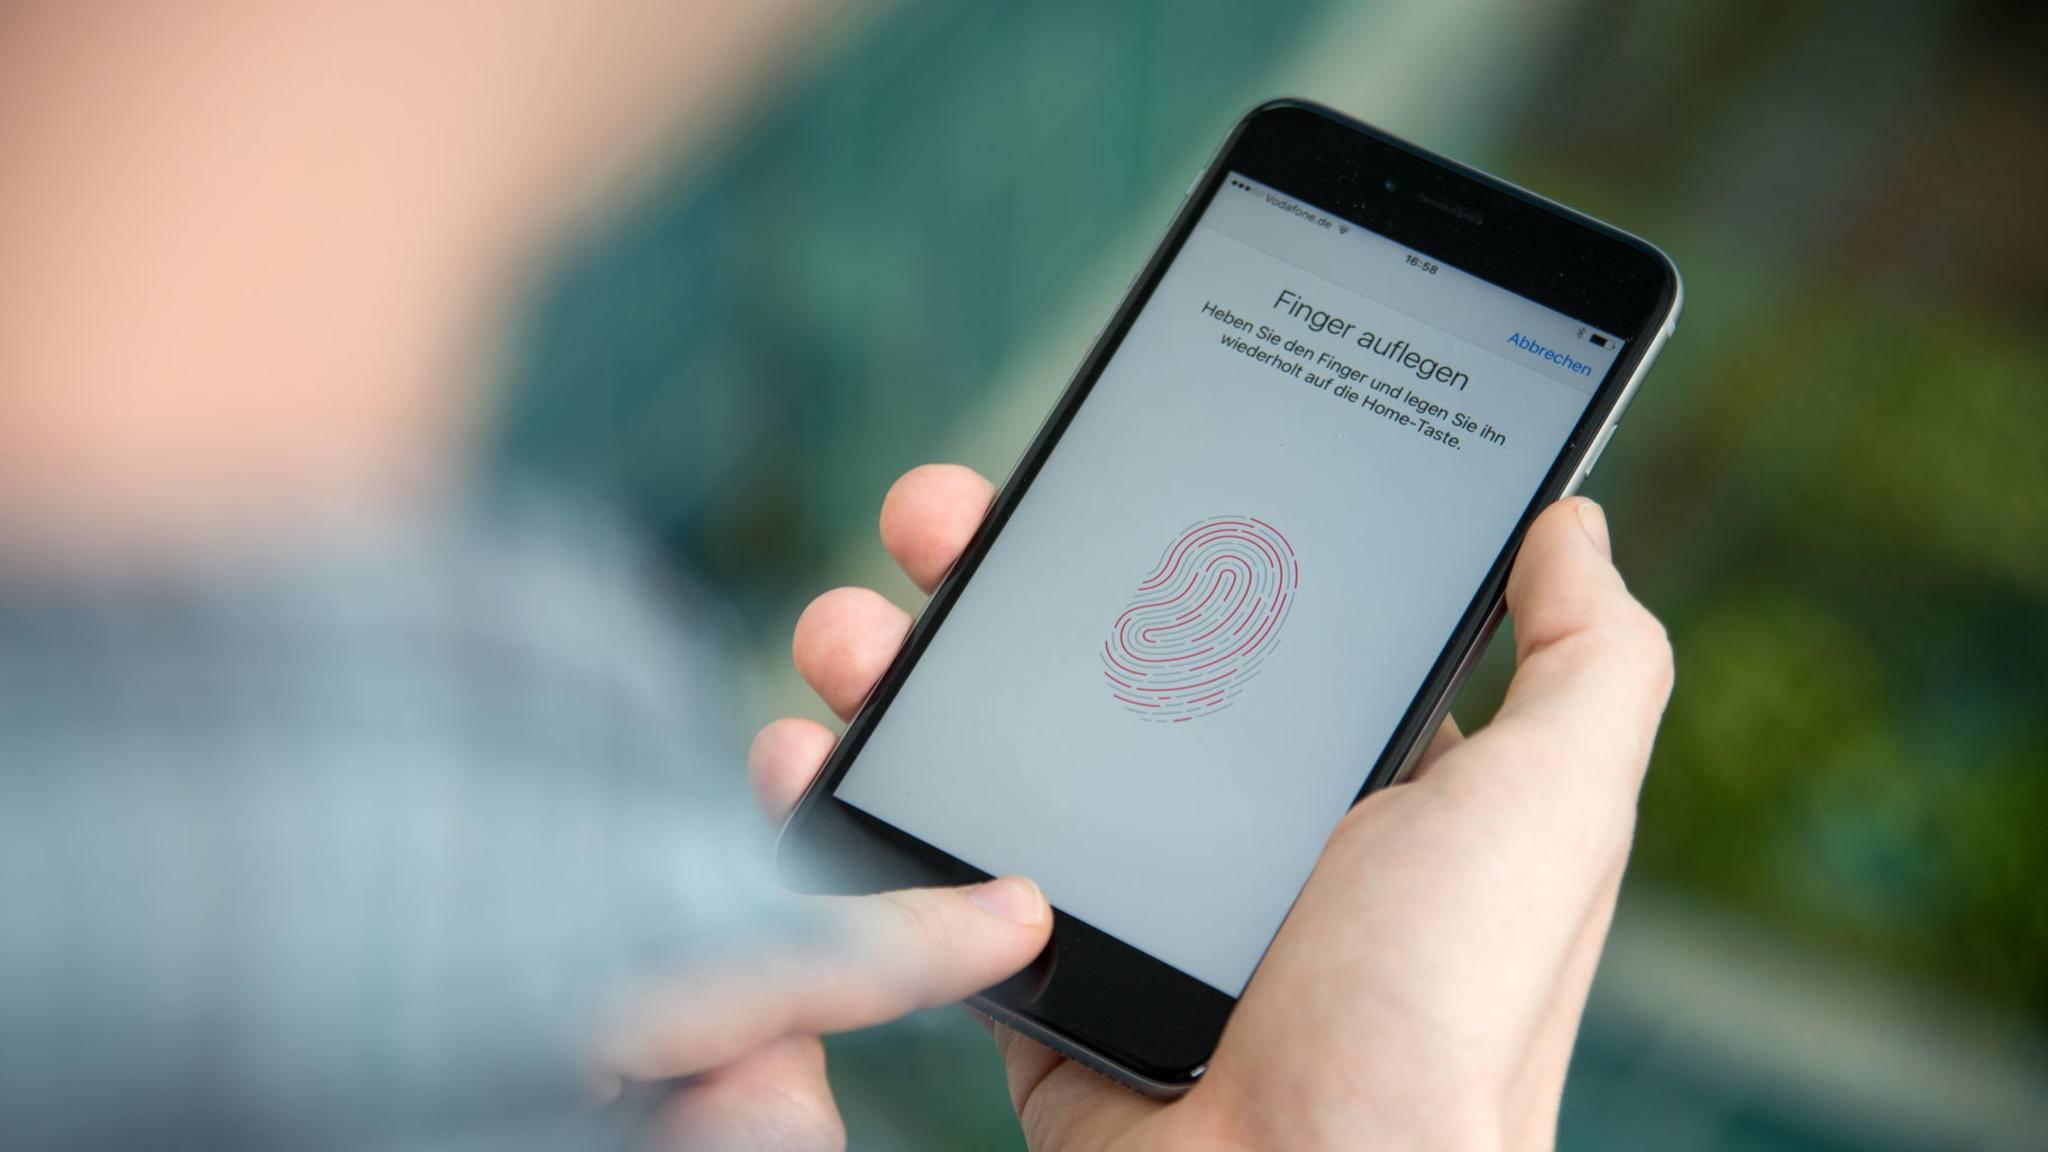 Hinsichtlich der Sicherheit auf dem iPhone gibt es einige Punkte, die Du beachten solltest.